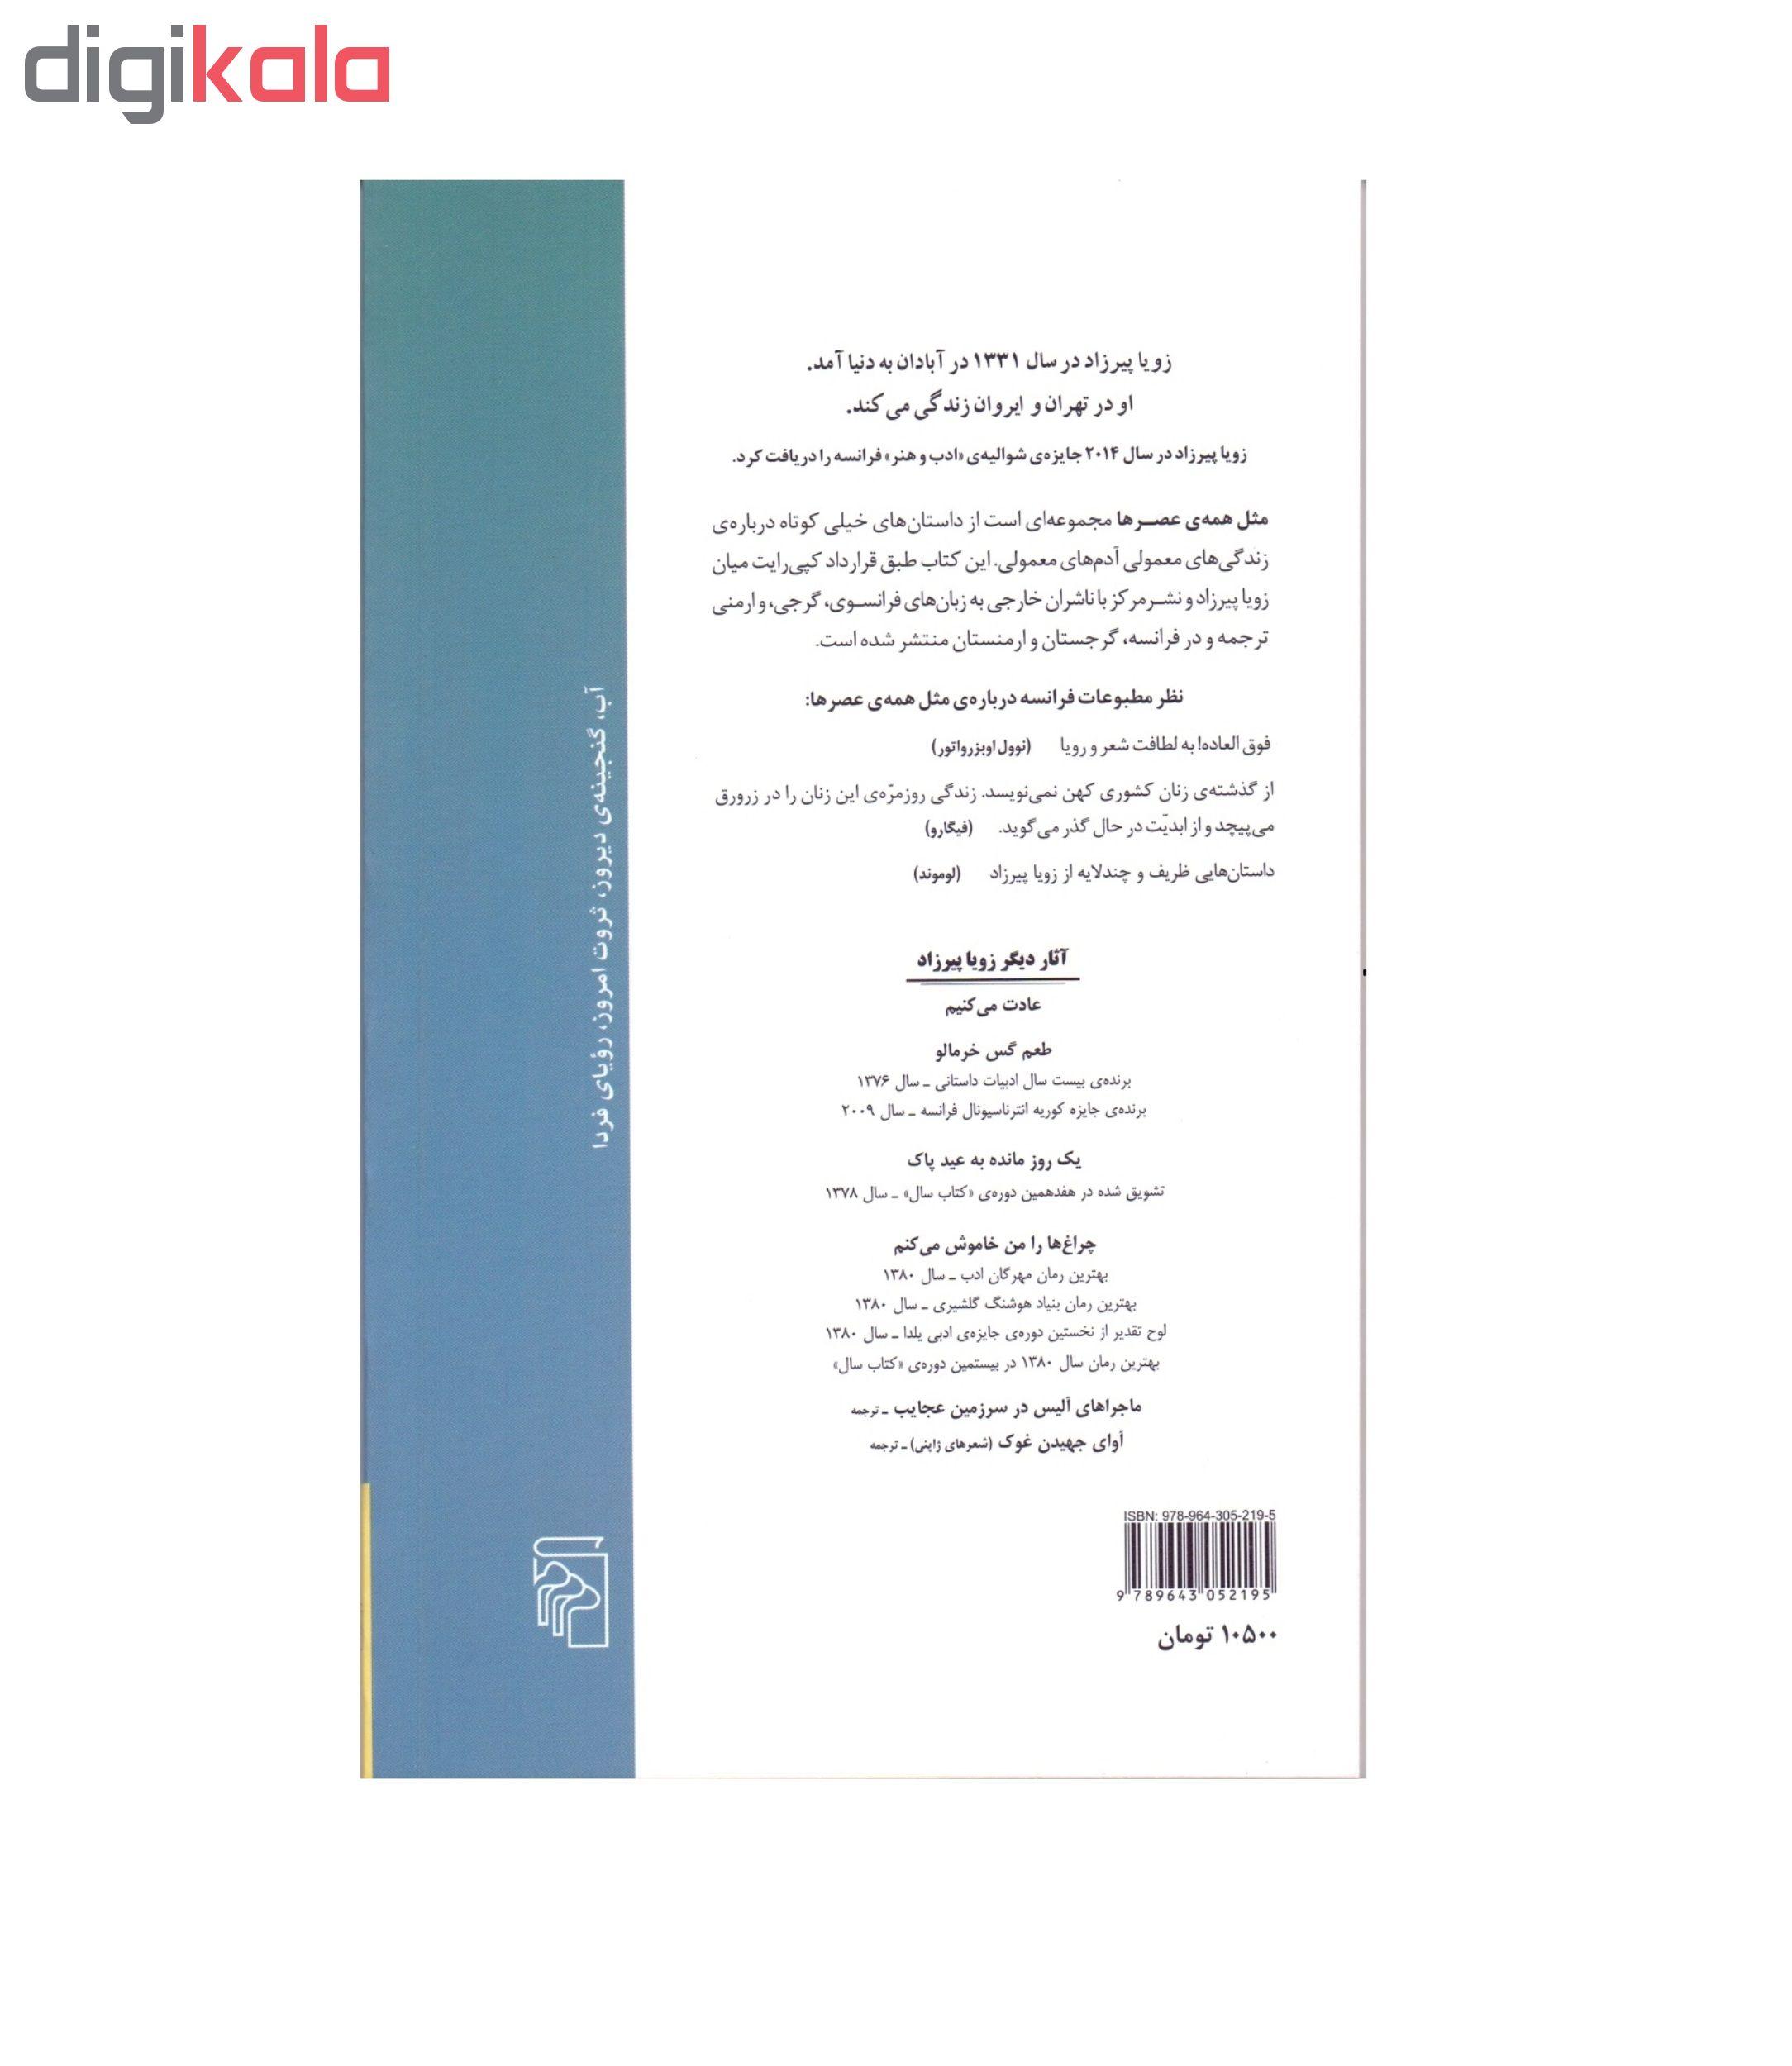 مجموعه کتاب های  مثل همه عصر ها  طعم گس خرمالو و  یک روز مانده به عید پاک اثر زویا پیرزاد نشرمرکز main 1 6